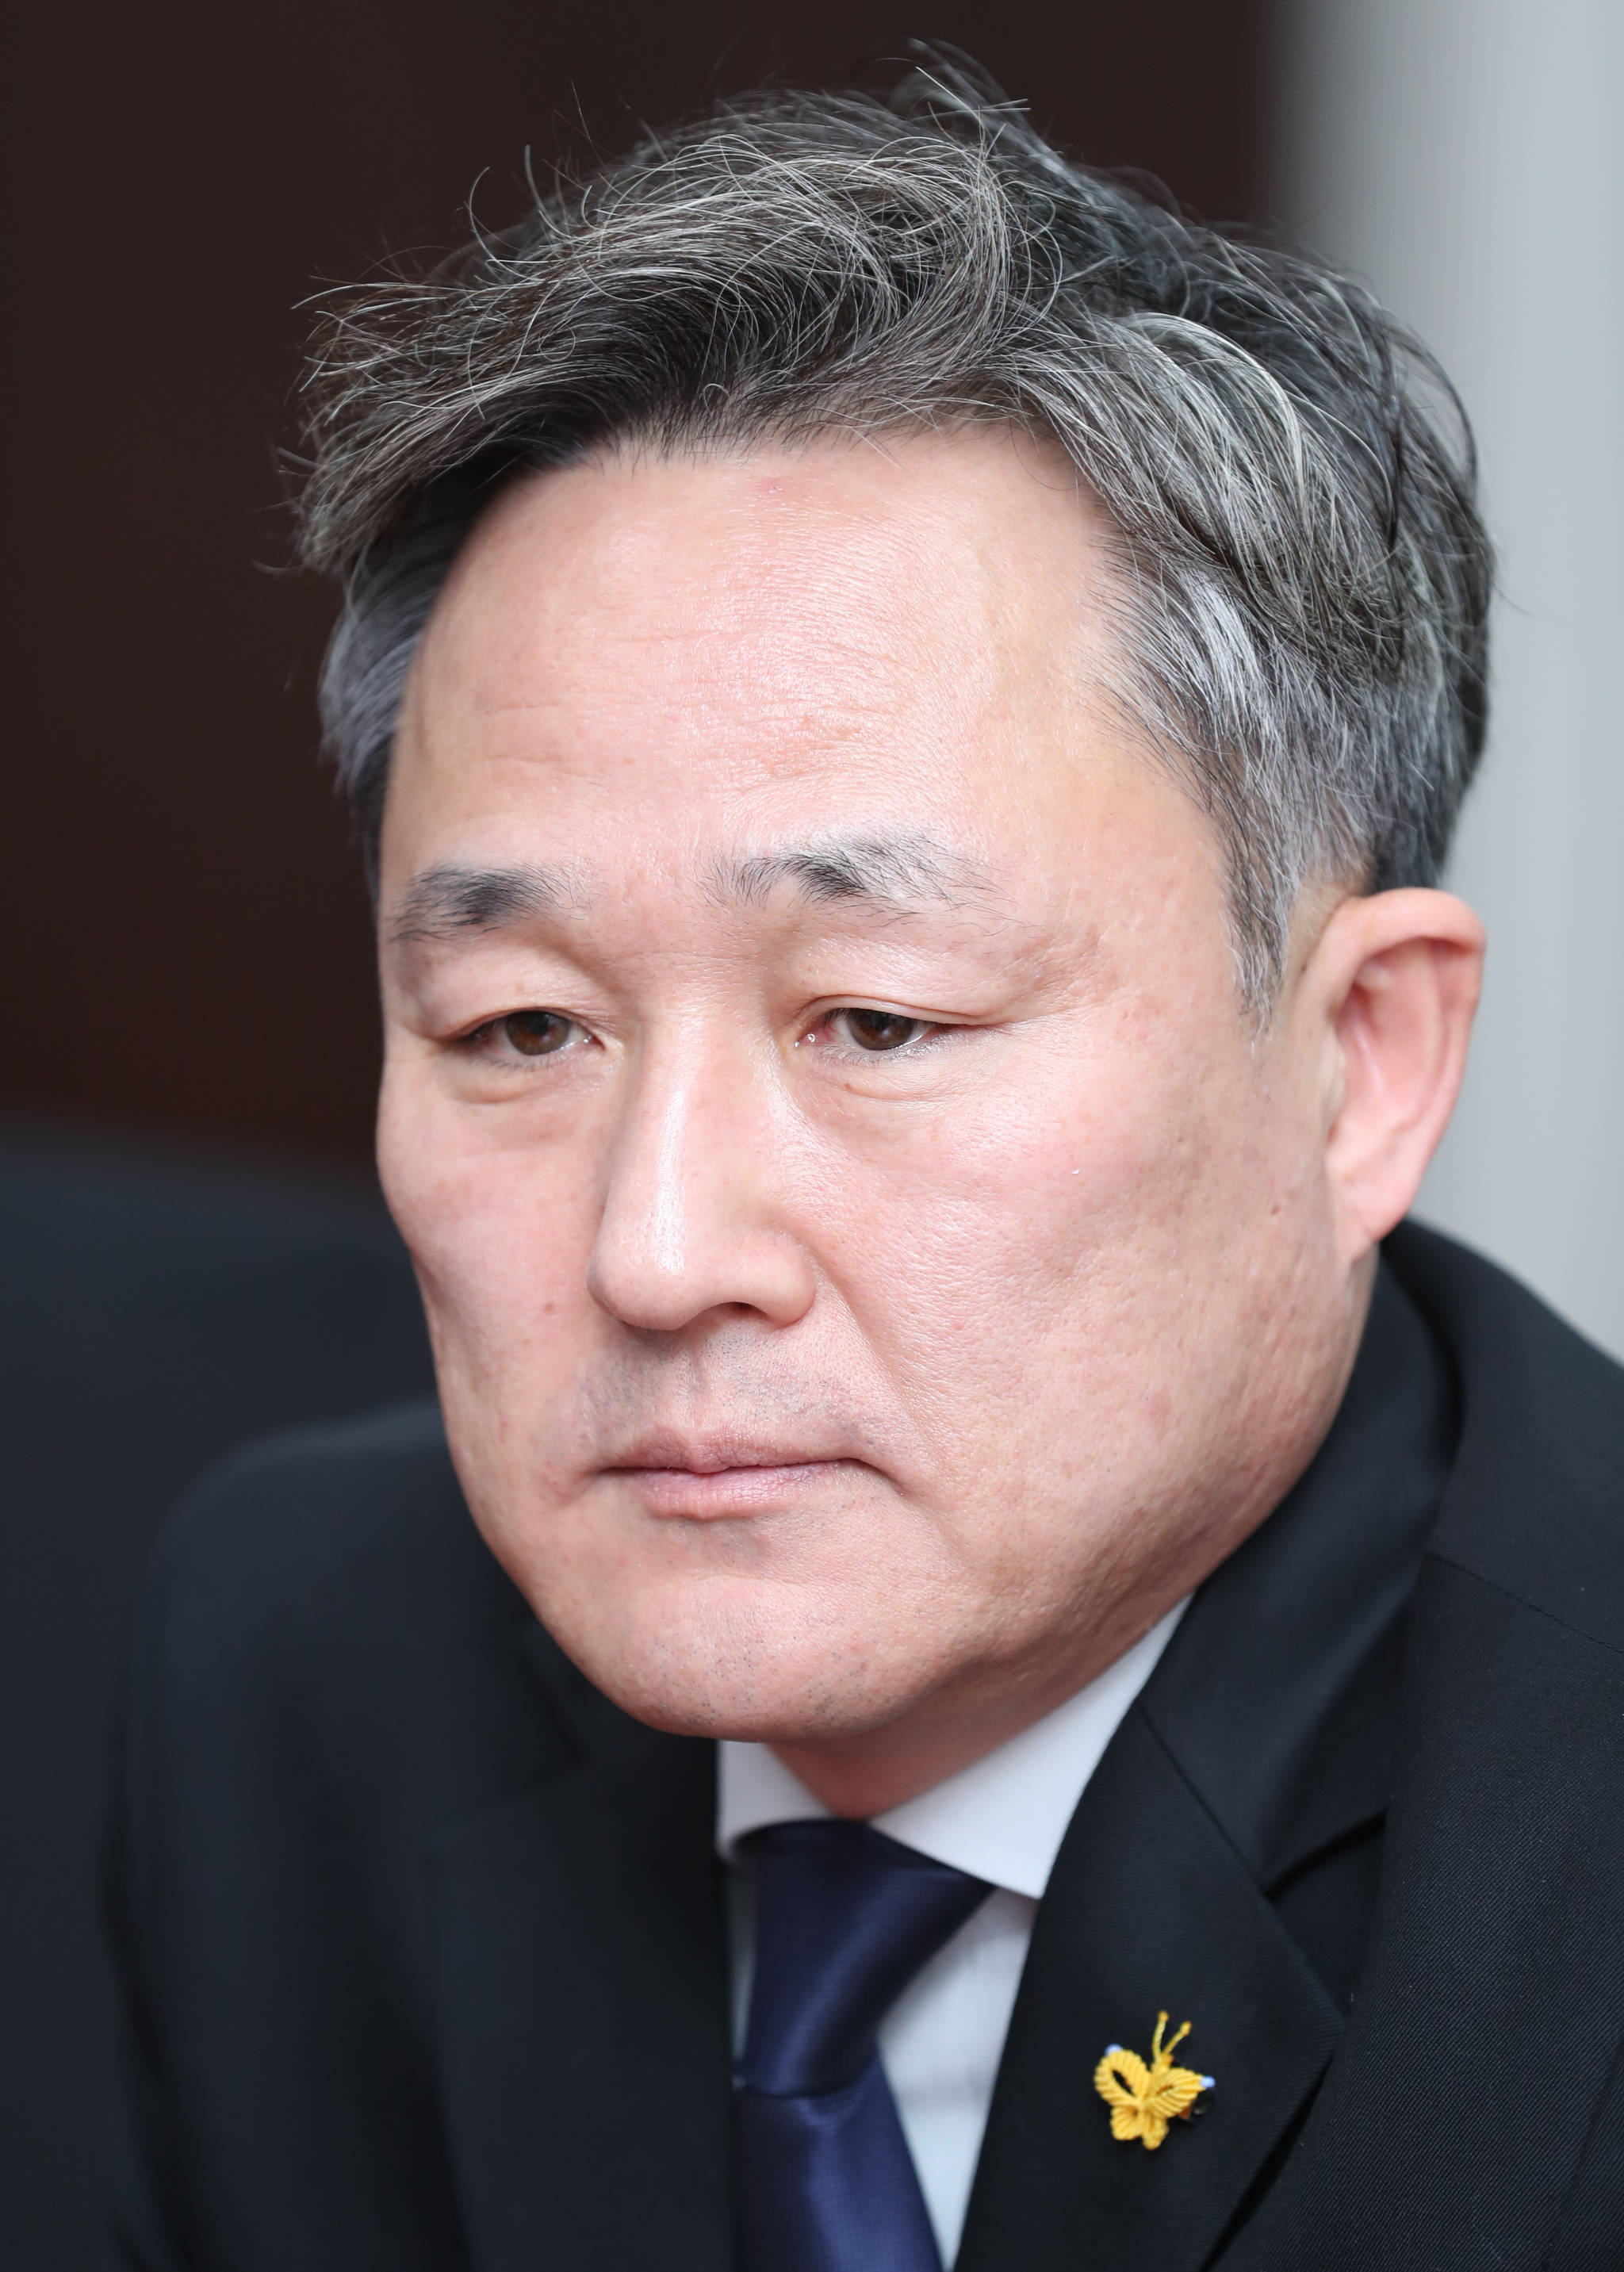 표창원 더불어민주당 의원.양광삼 기자